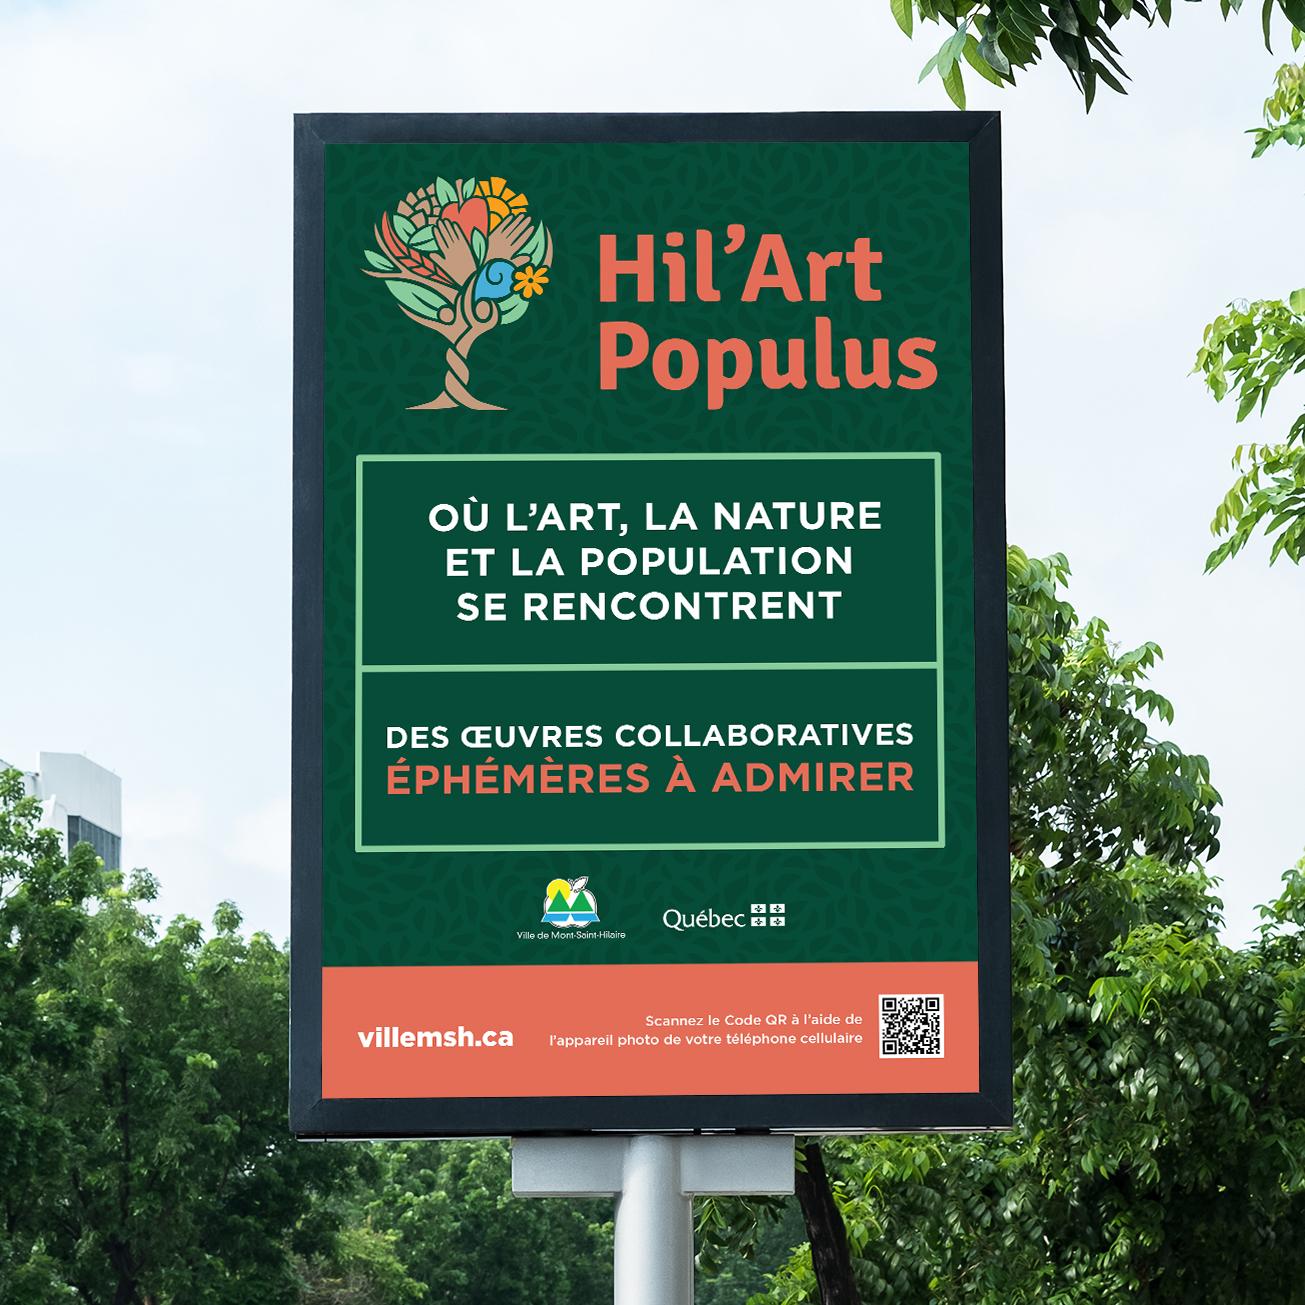 panneau publicitaire hil'art